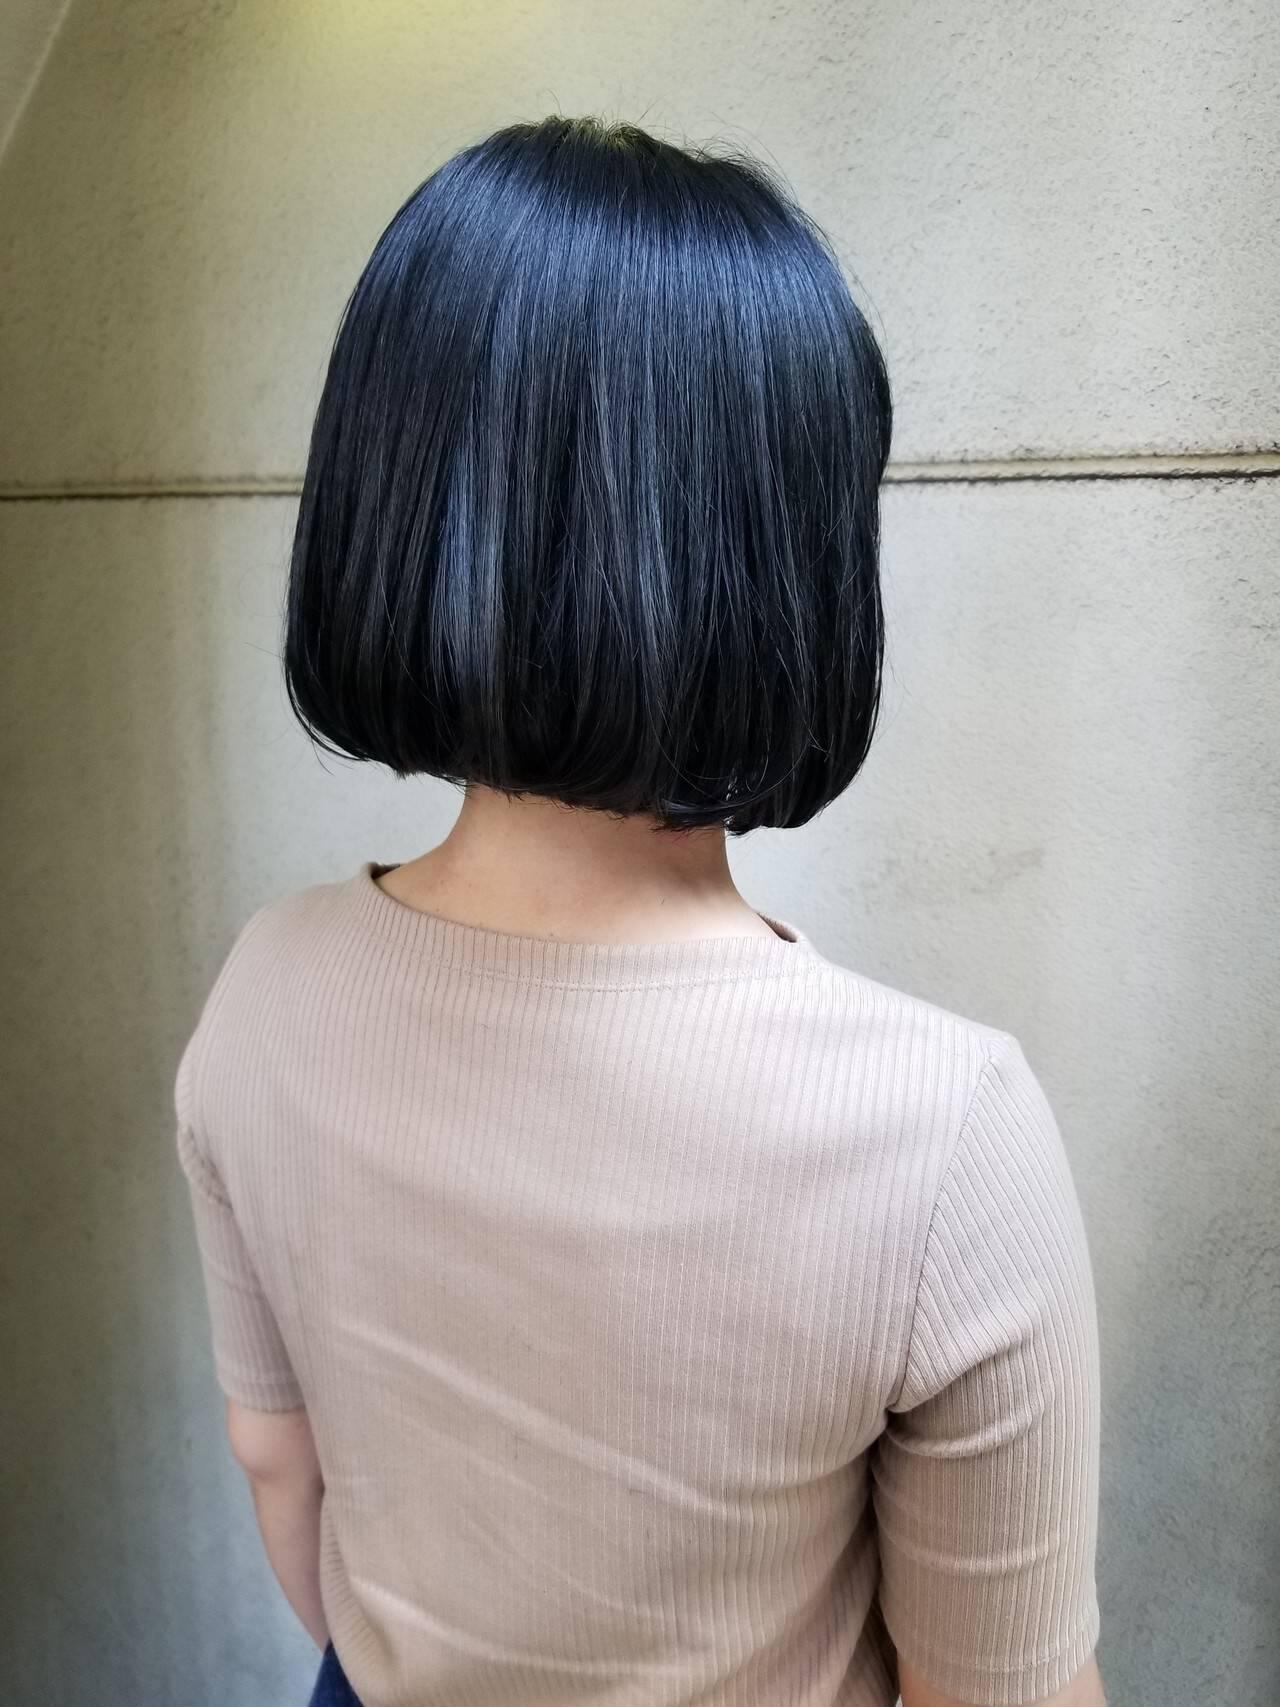 ブルージュ 切りっぱなしボブ ブルーアッシュ かっこいいヘアスタイルや髪型の写真・画像